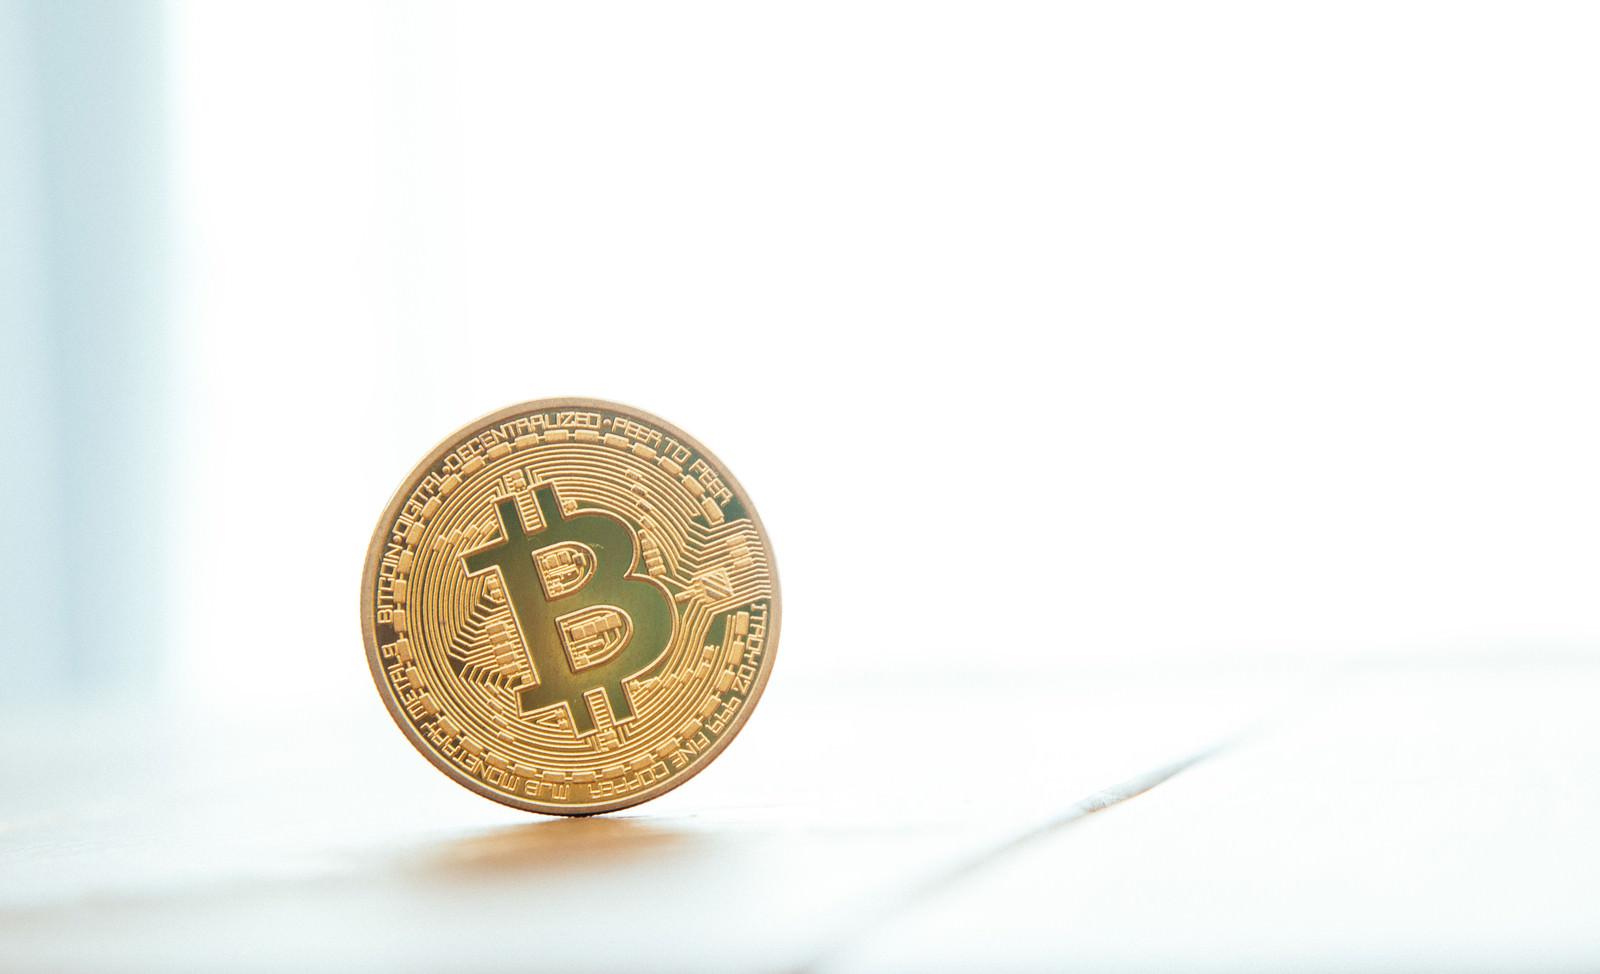 「ここに1枚のビットコインがあるここに1枚のビットコインがある」のフリー写真素材を拡大